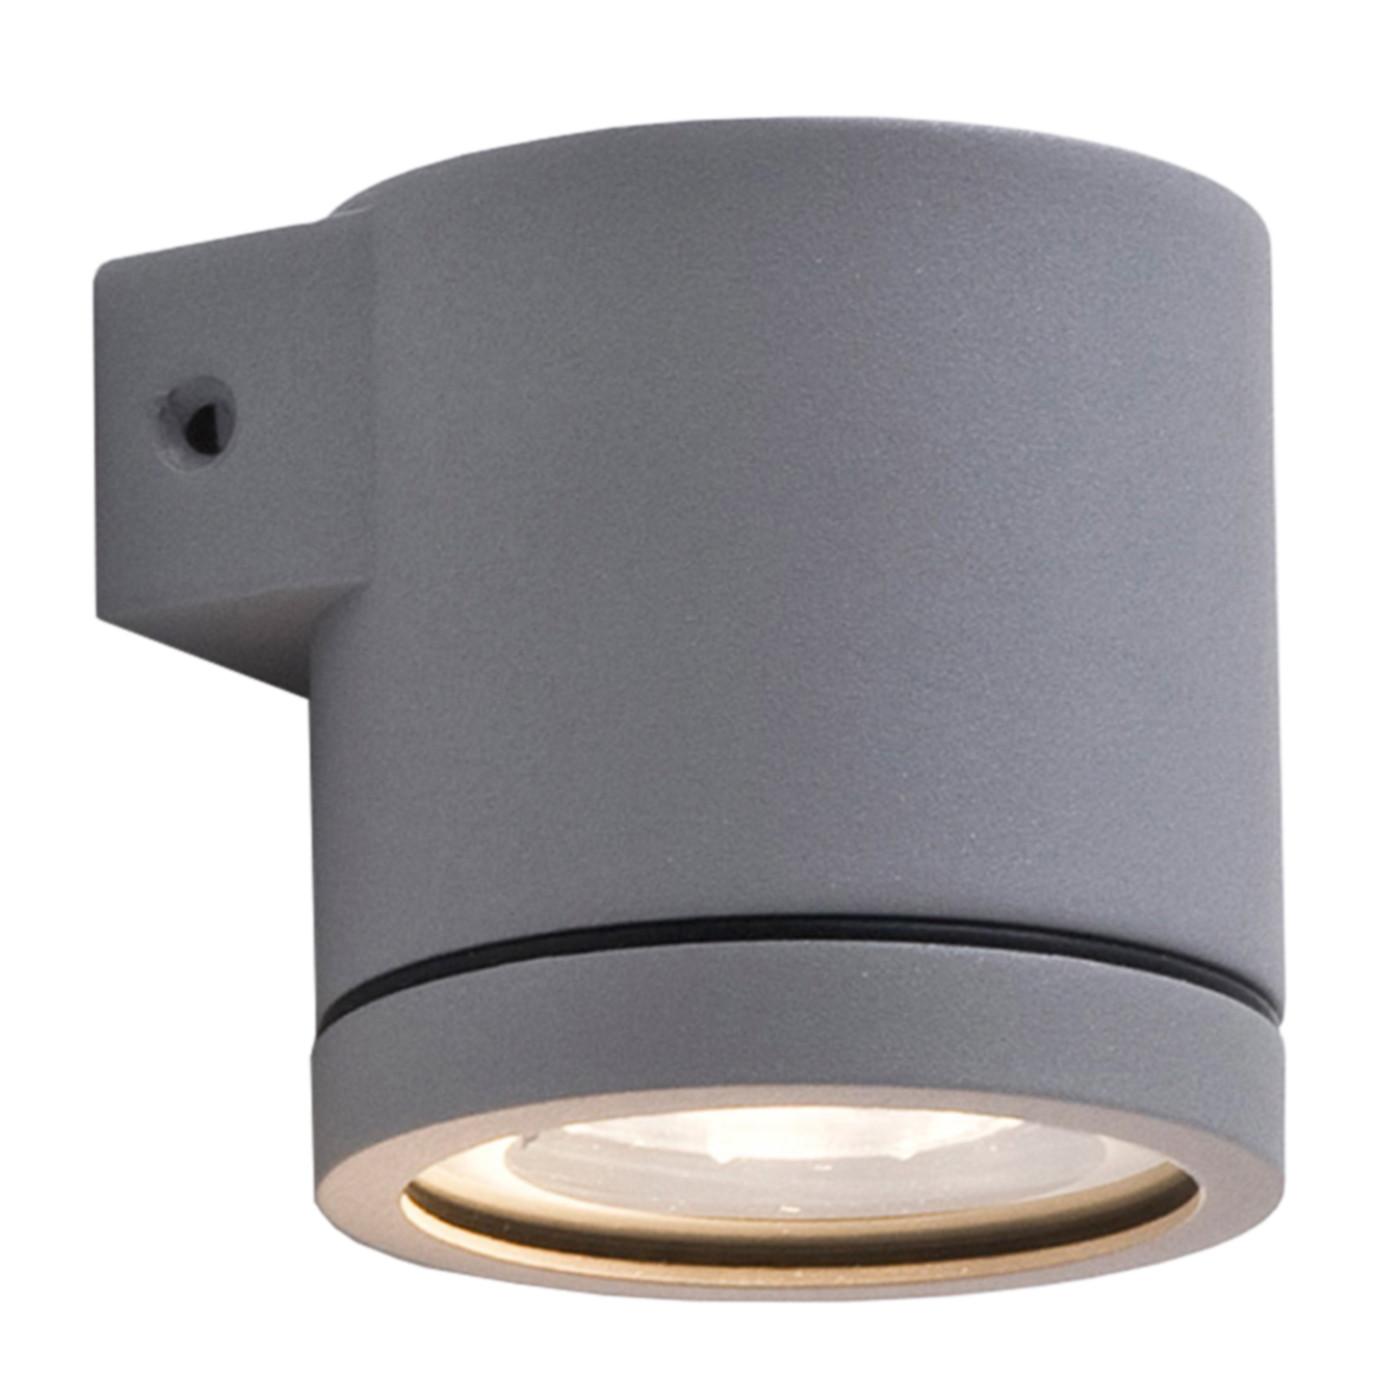 Wever & Ducré Tube 1.0 LED Wandleuchte